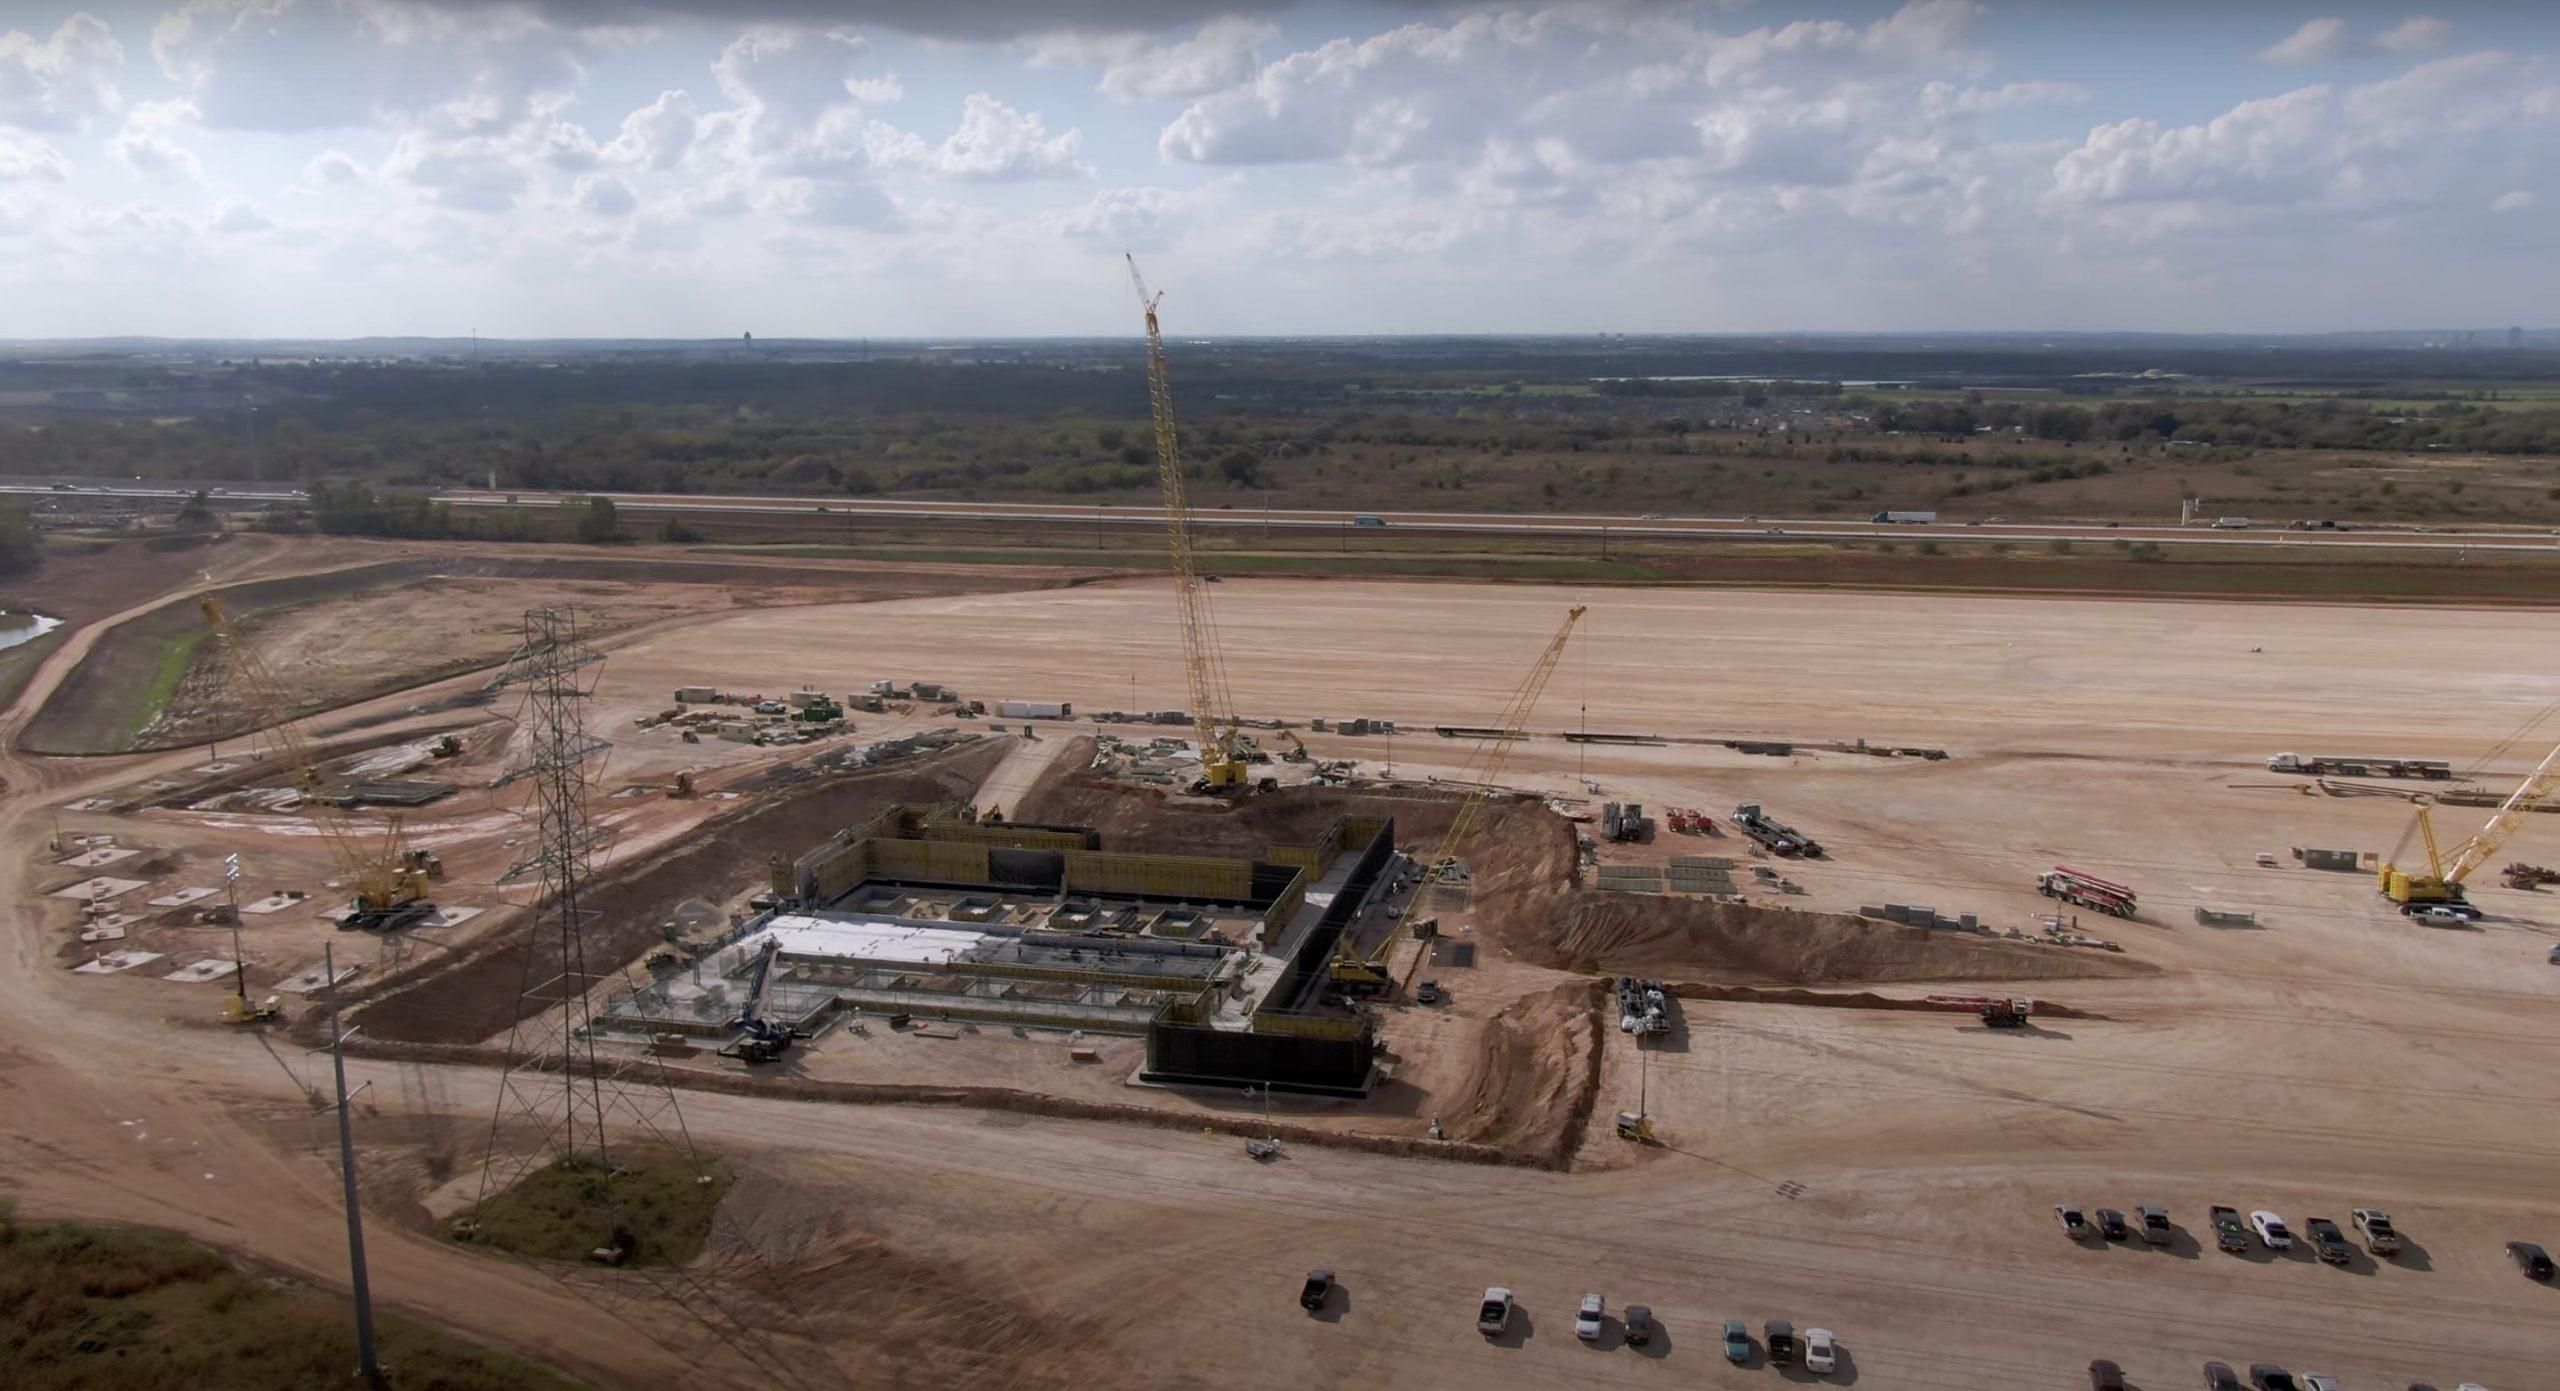 Tesla-Gigafactory-Texas-24-hour-work-shift